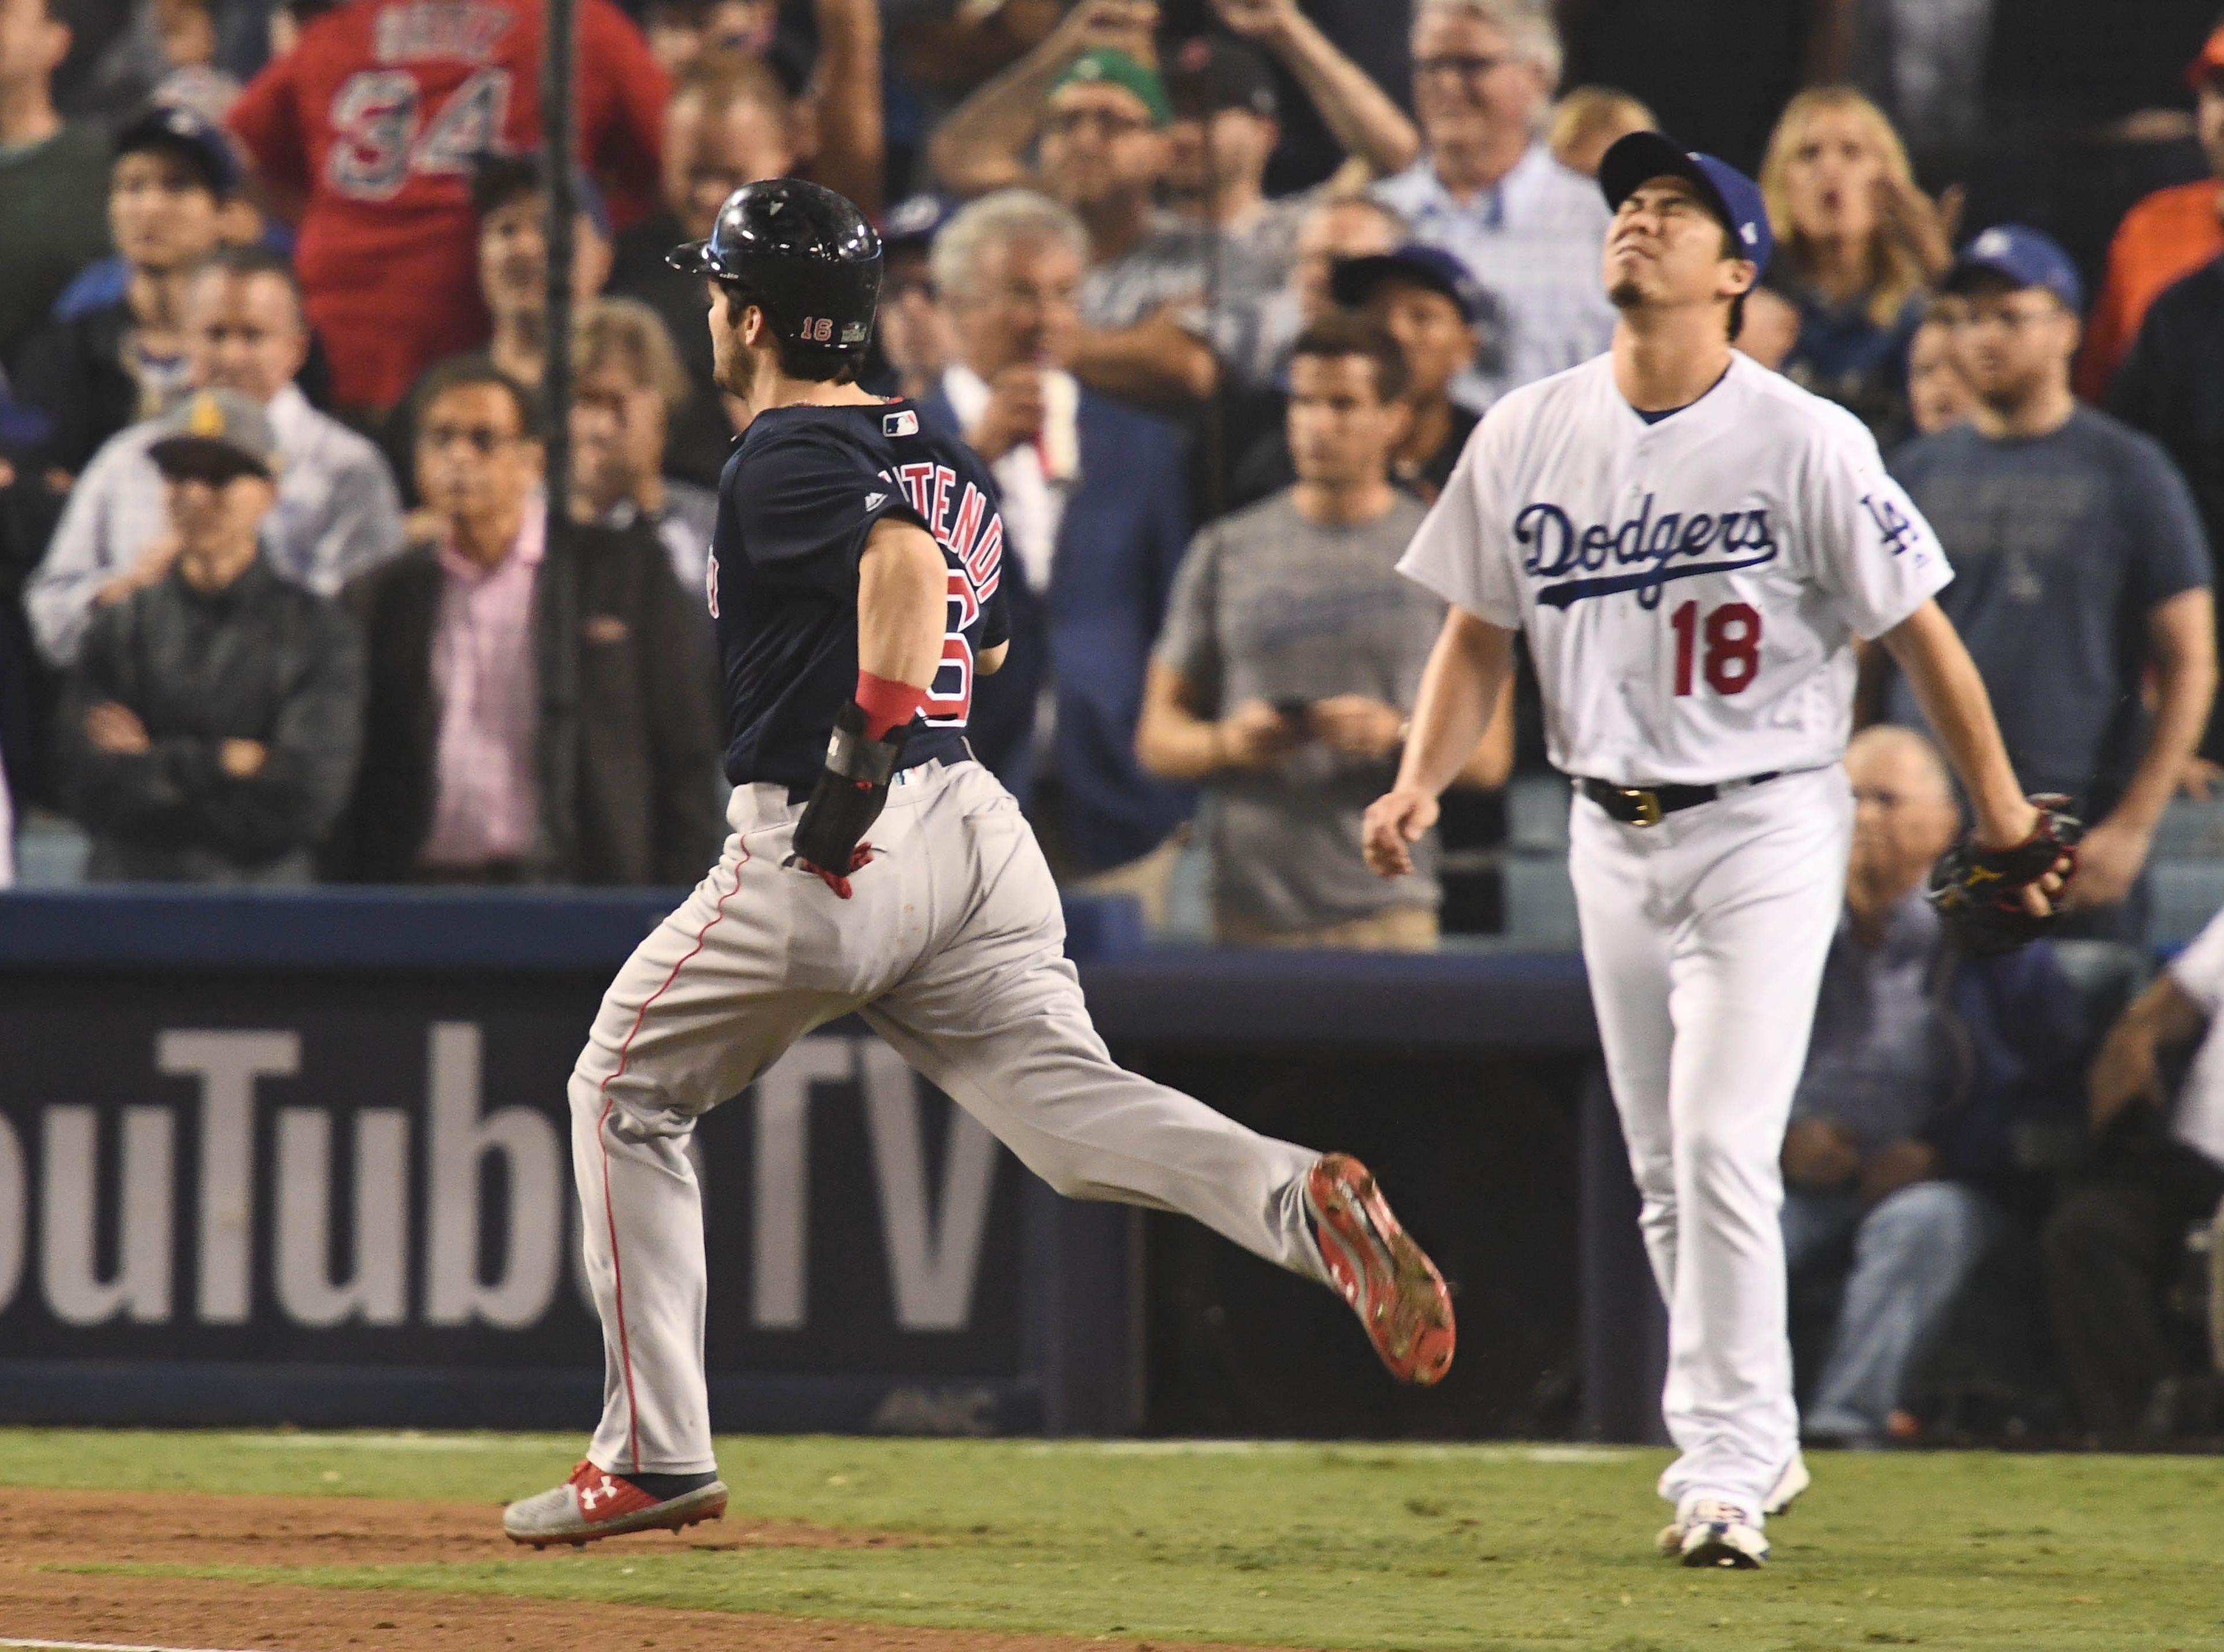 Game 4 at Dodger Stadium: Andrew Benintendi scores a run in the ninth inning as Kenta Maeda looks on.